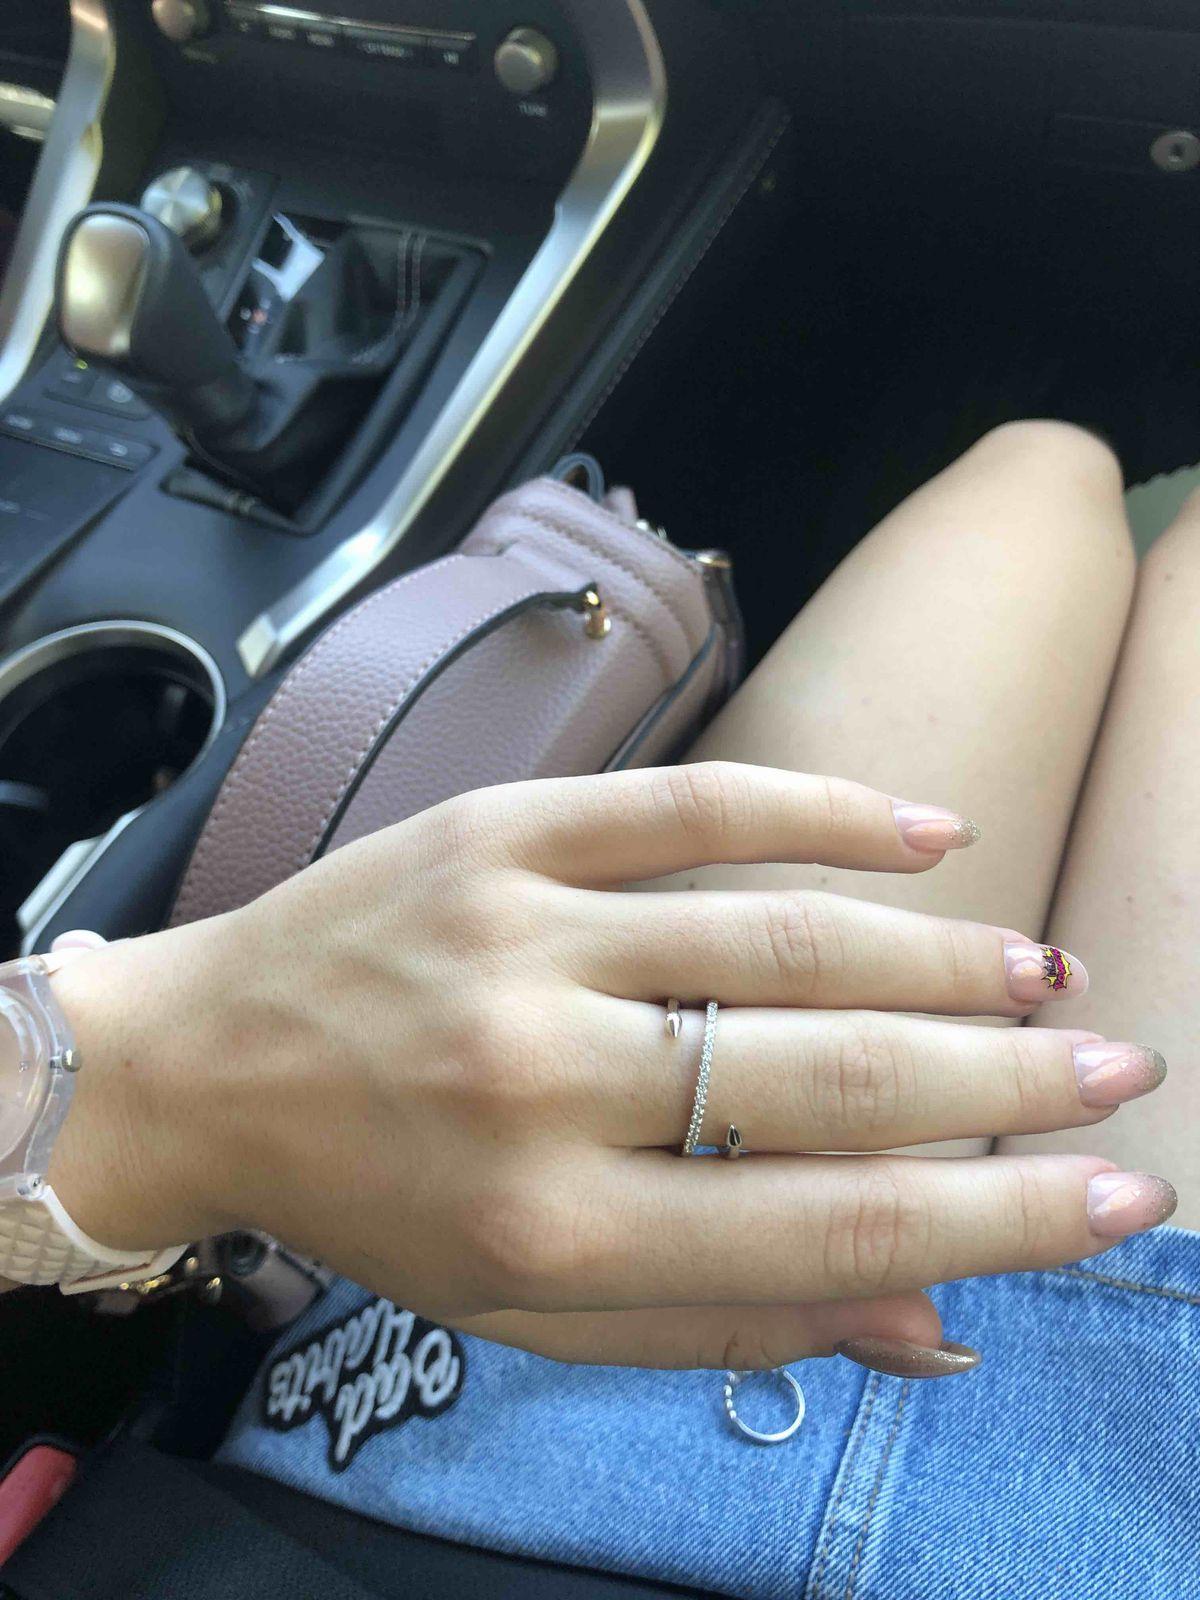 Кольцо покупала себе , полностью довольна